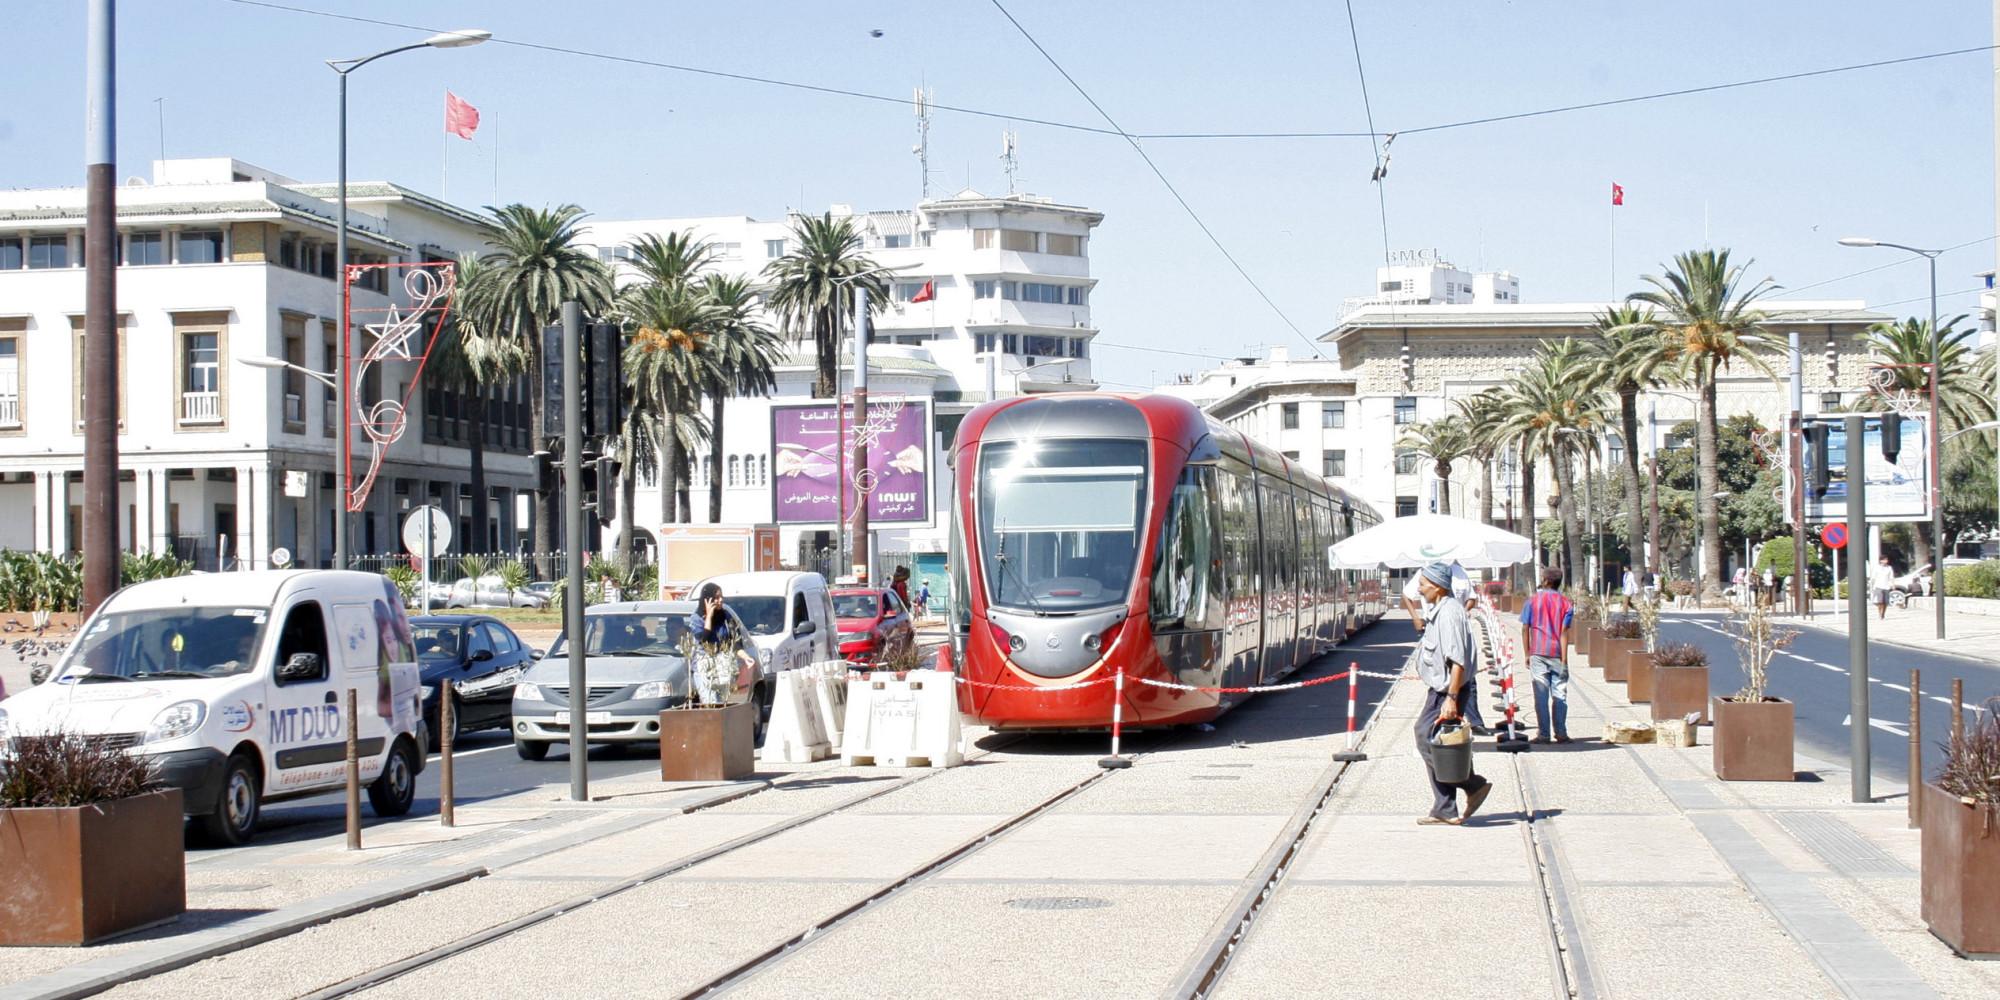 """Résultat de recherche d'images pour """"Casablanca, 3 nouvelles lignes de tramway"""""""